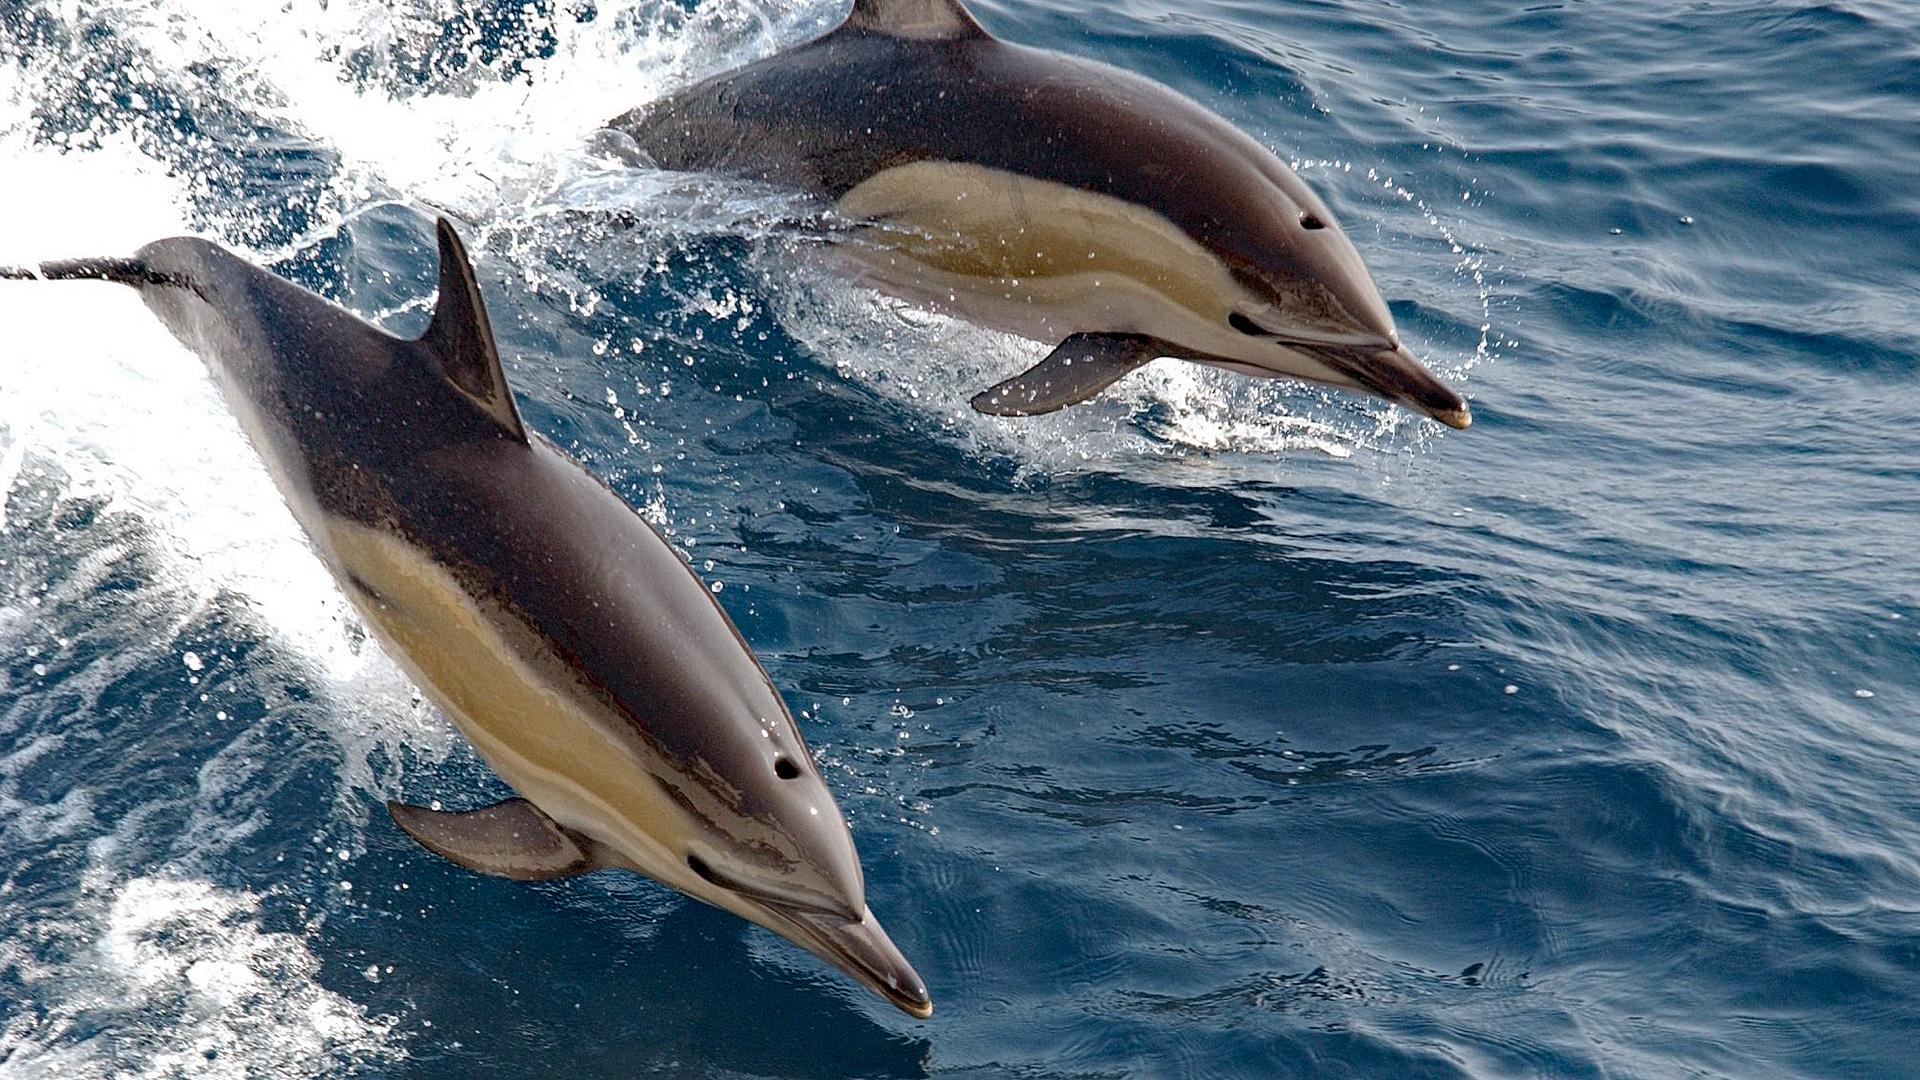 Delfinmassaker im Golf von Biskaya: jedes Jahr tausende toter Gemeiner Delfine.